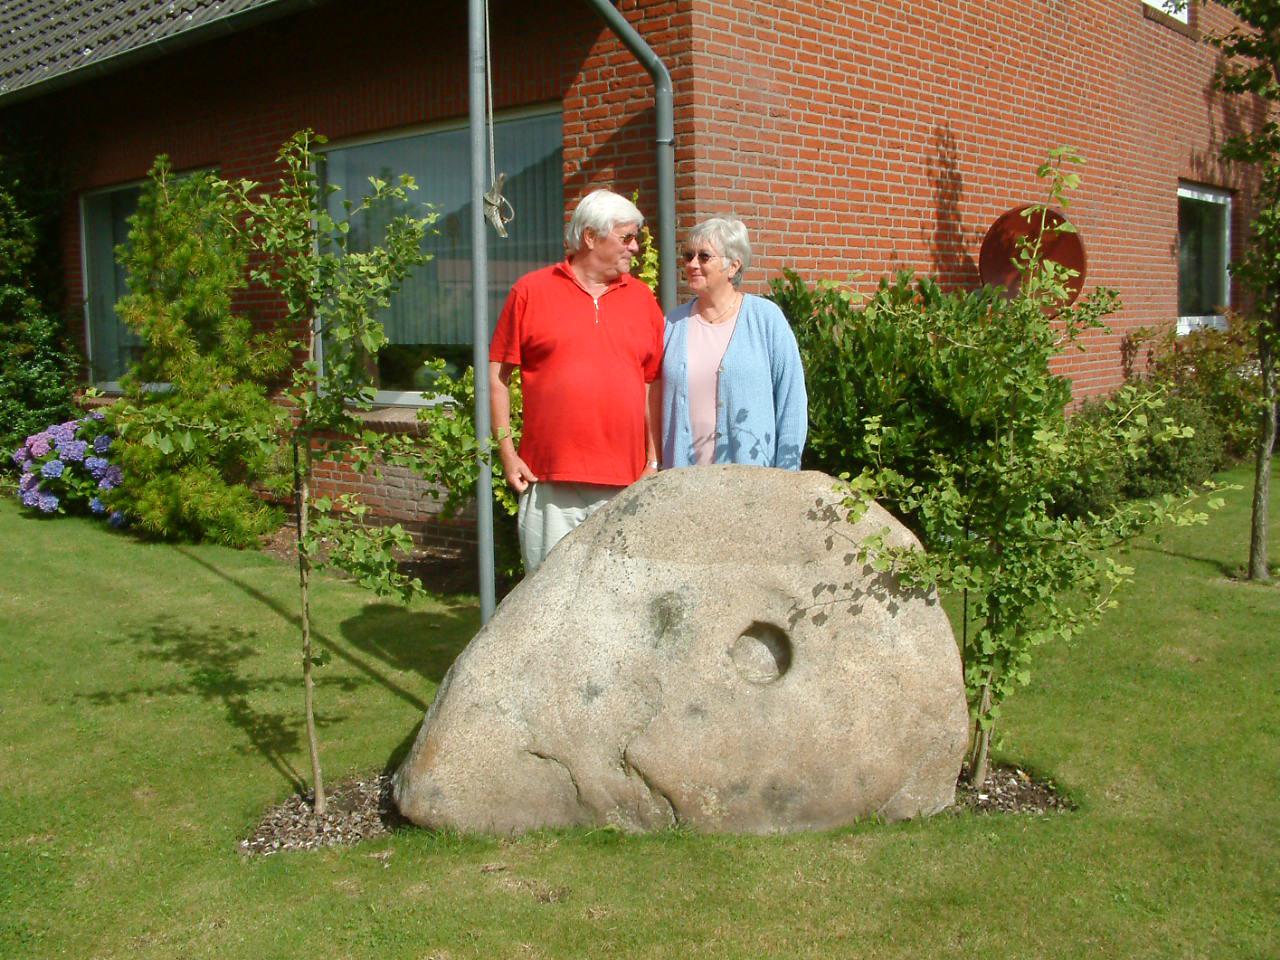 Swantje und Frenz Bertram in ihrem Garten bei den Gingkos aus Hiroshima (2005)